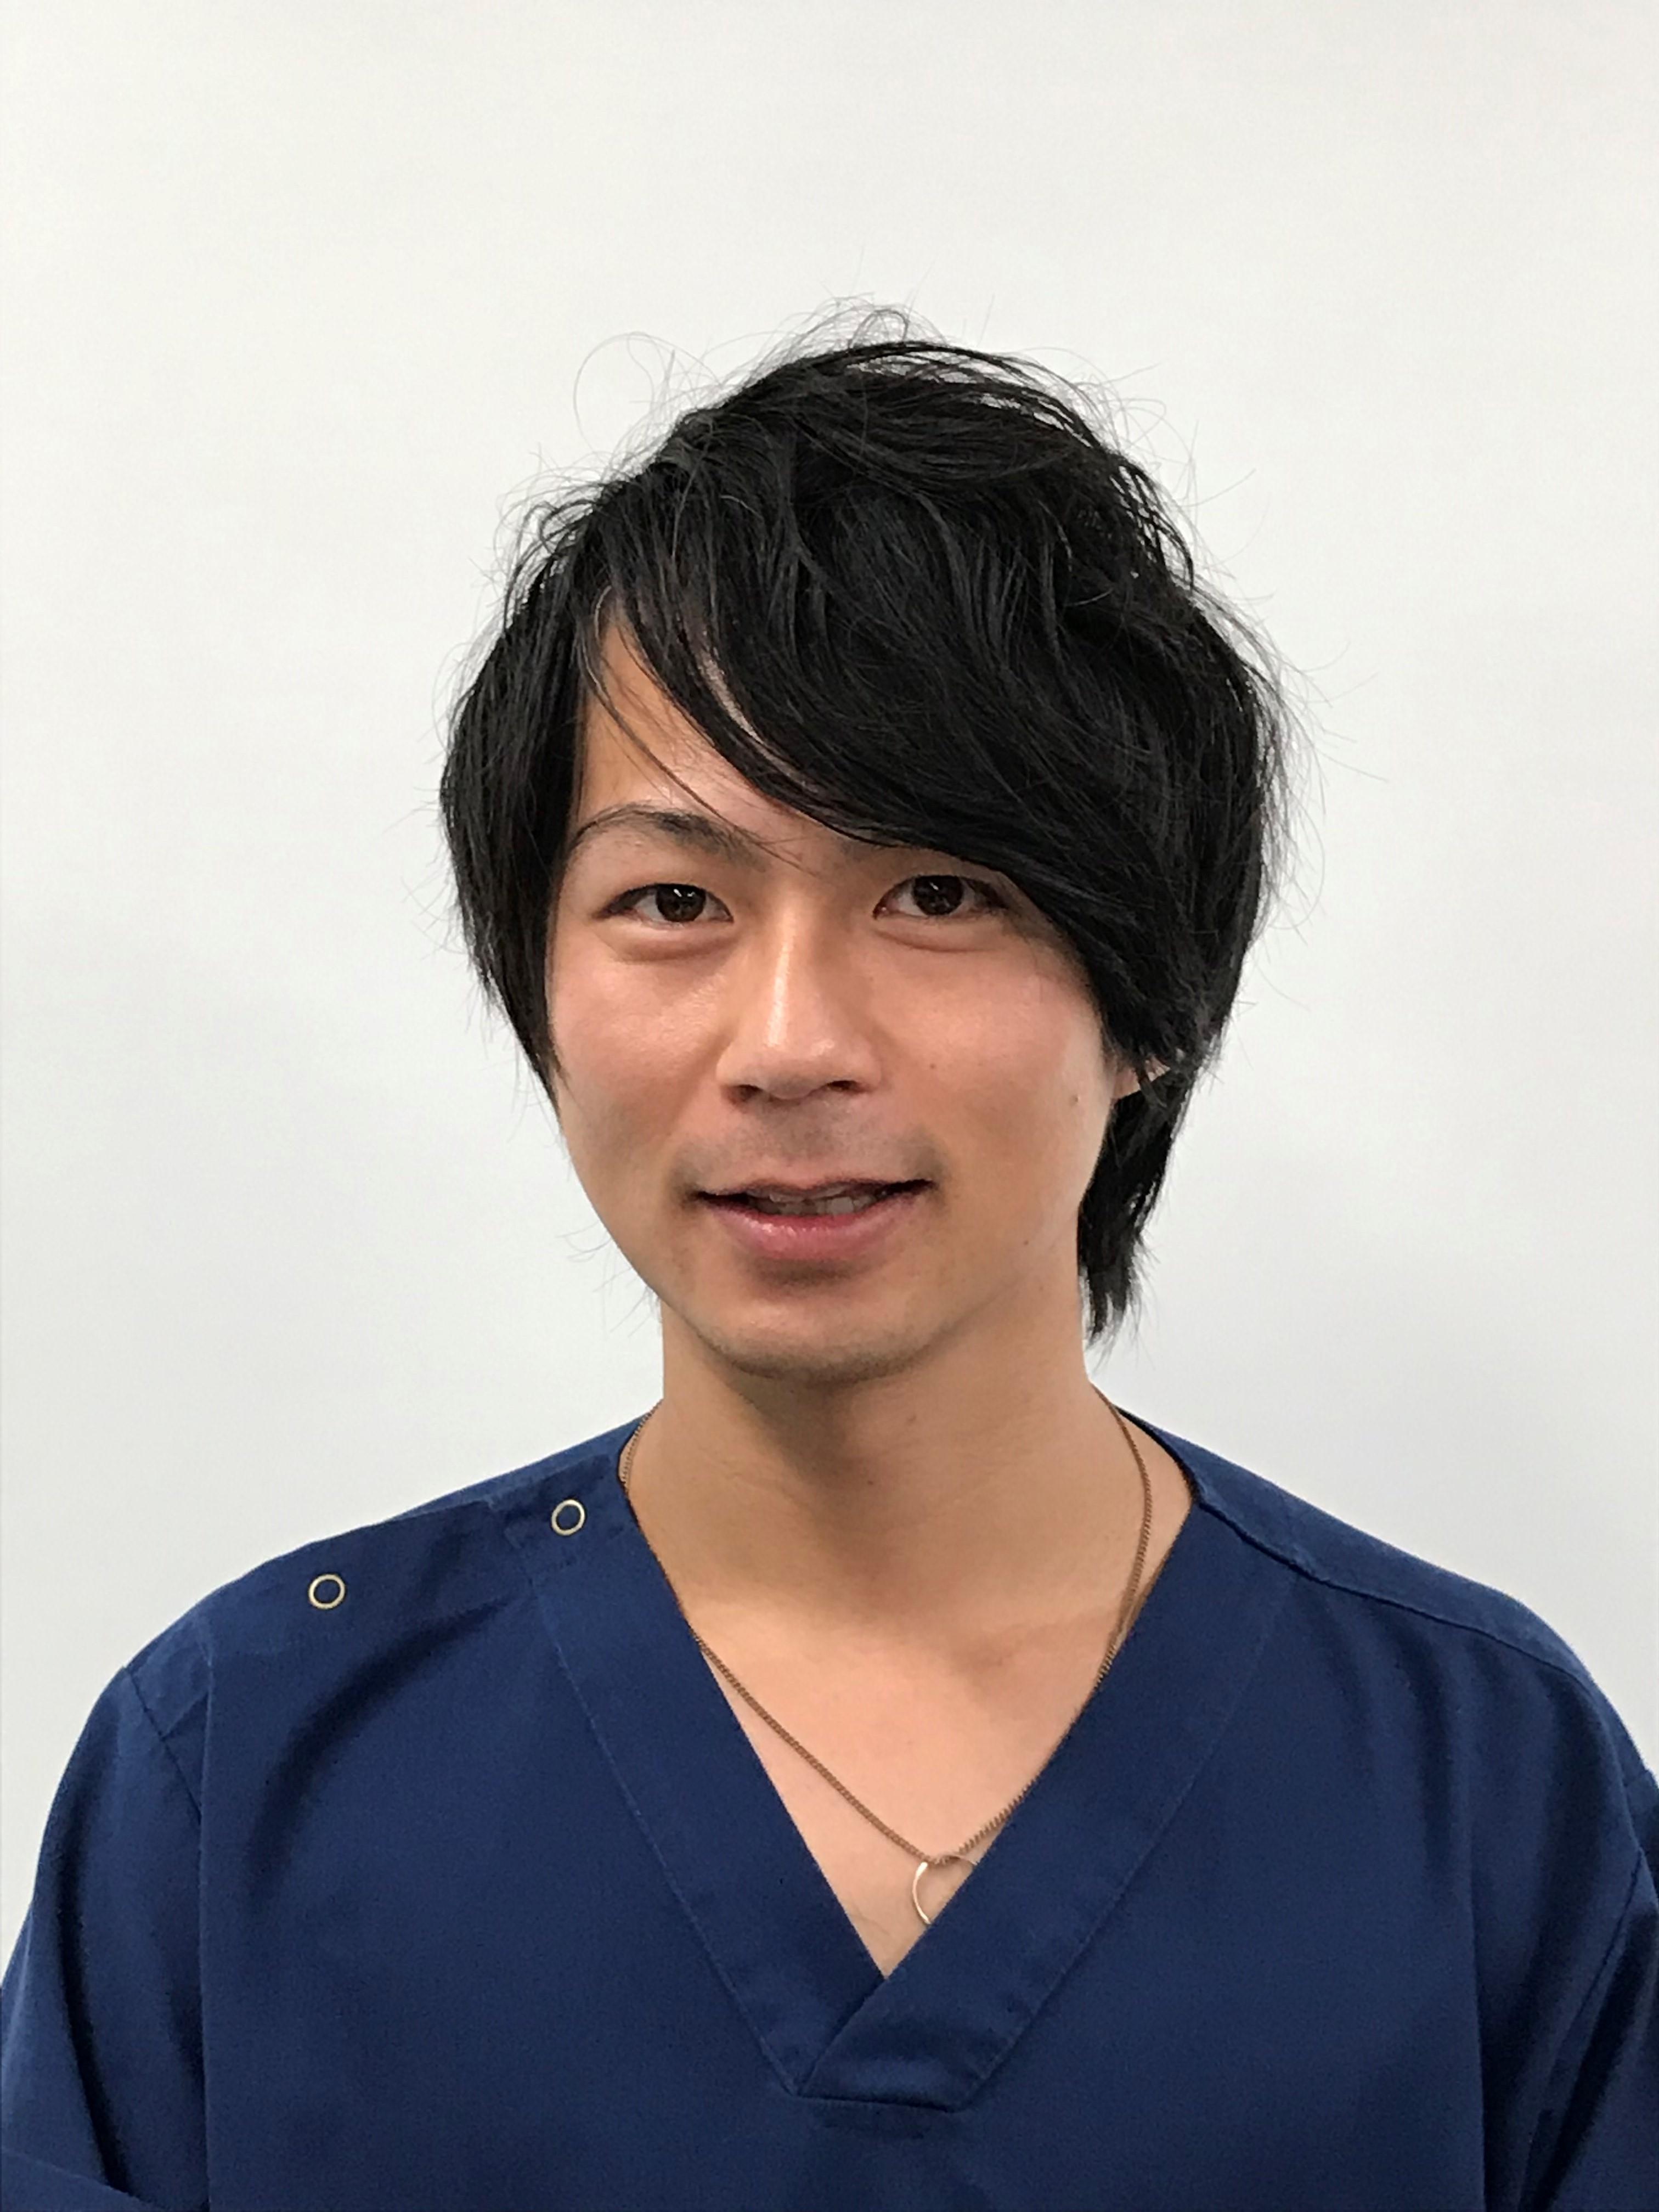 安田 拓也